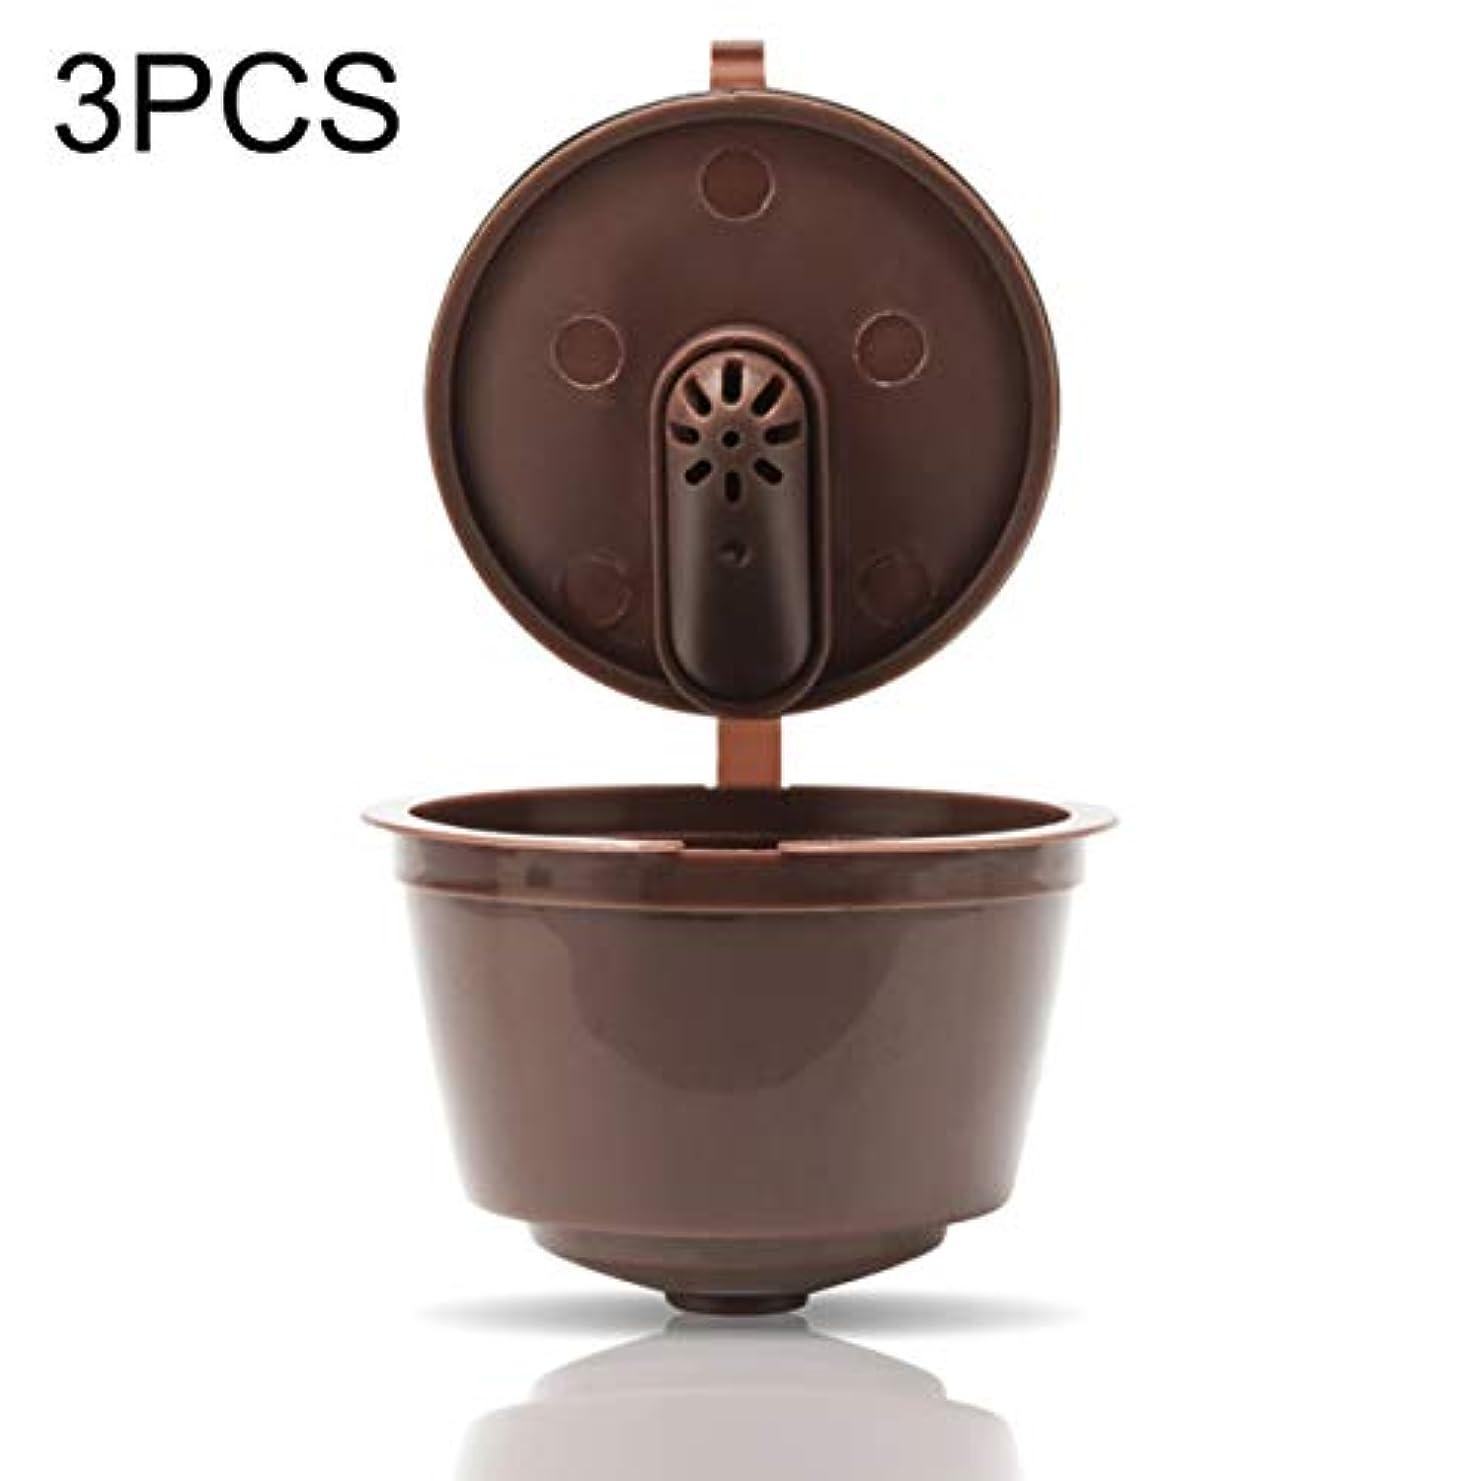 合併不合格上院Saikogoods 更新されたバージョン コーヒーカプセル 詰め替え再利用可能 コーヒーカップ コーヒーバスケット コーヒーメーカー キッチンツールをフィルター ダークブラウン 3PCS